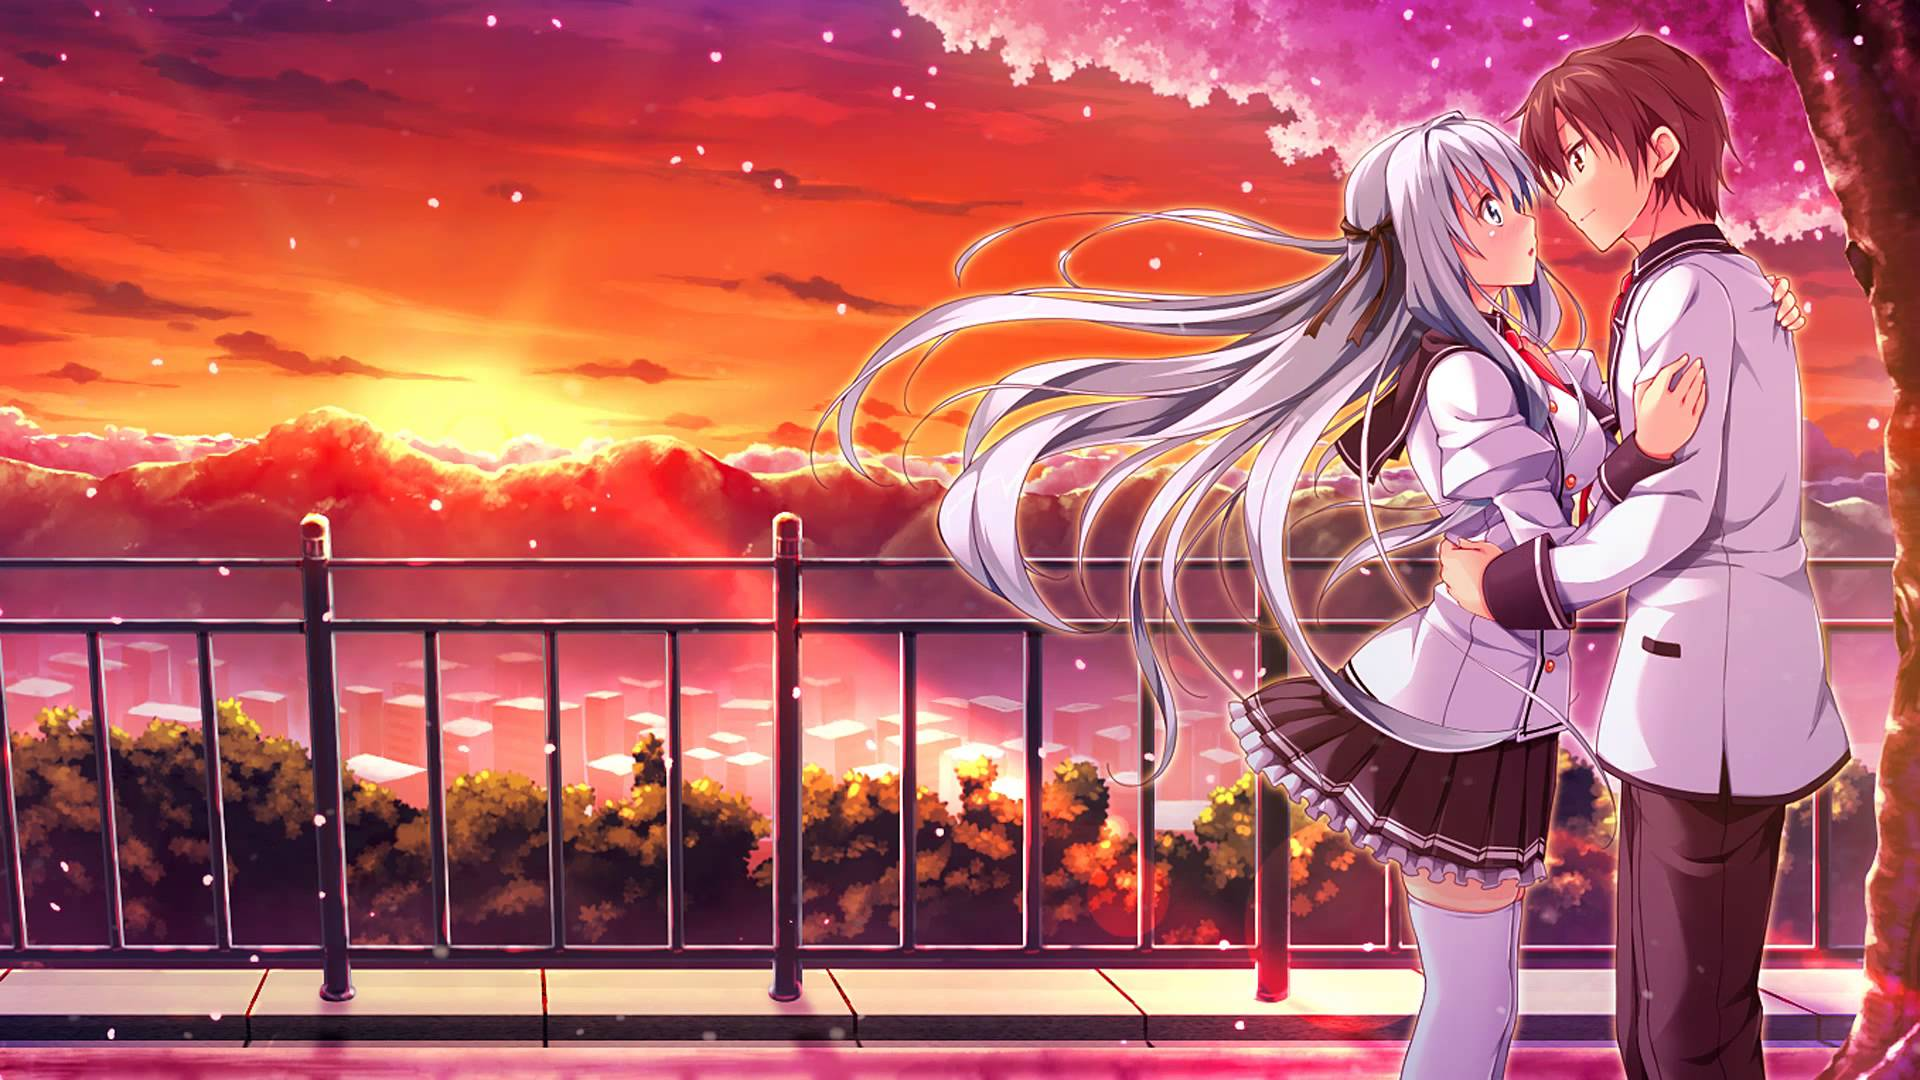 Wallpaper Anime Romantis Hd Wallpaper Anime Romance